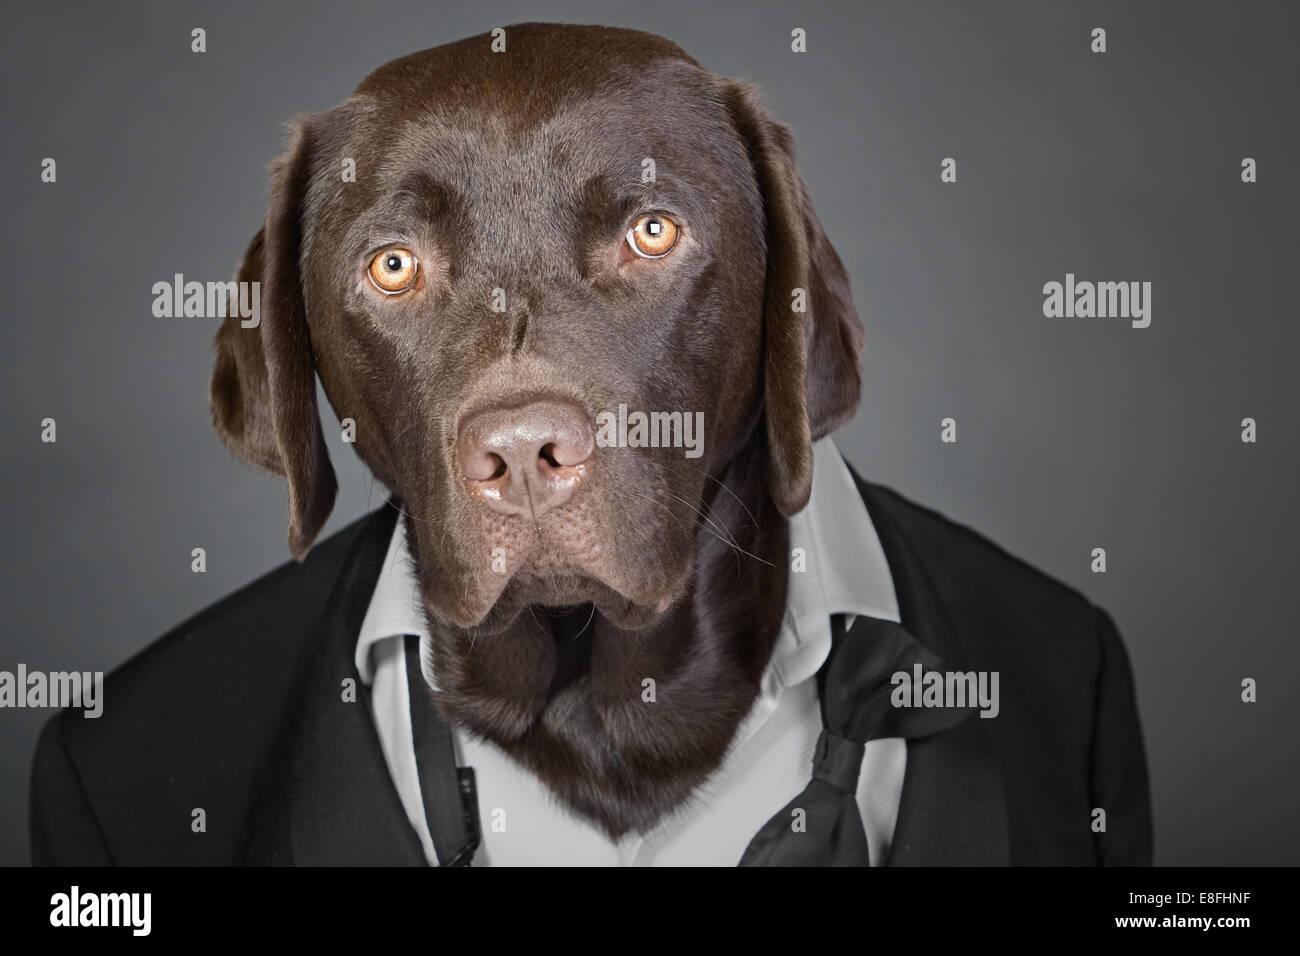 Cool Chocolate Labrador im Smoking vor einem grauen Hintergrund Stockbild